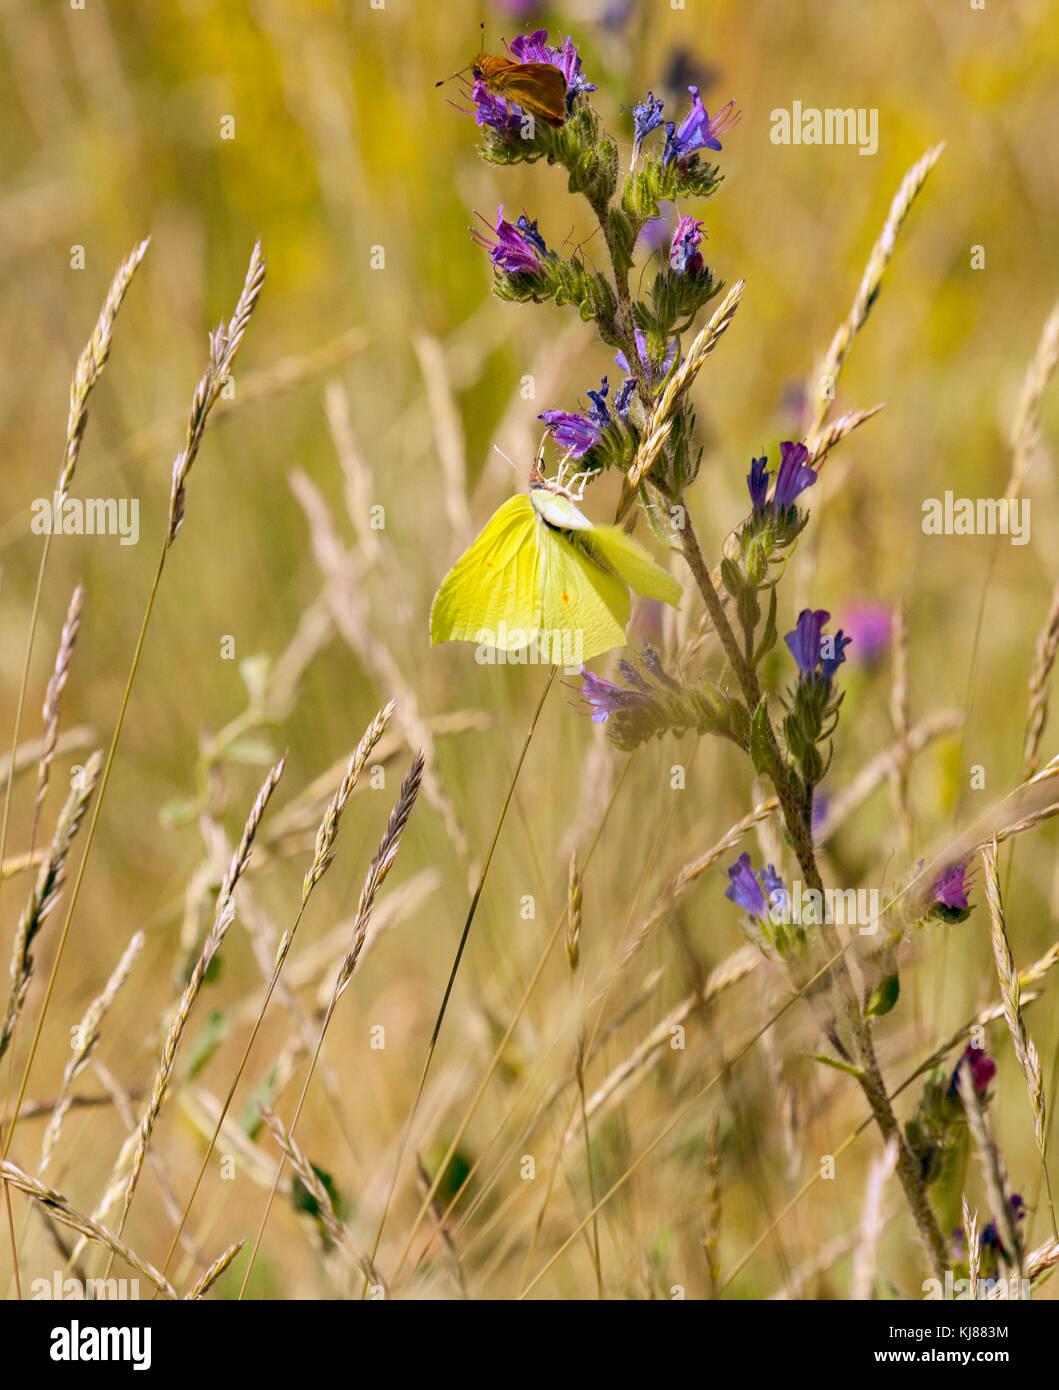 Zitronenfalter Gonepteryx rhamni Aalen in der Sonne mit seinen Flügeln wird geöffnet und zeigt die gelbe Stockbild